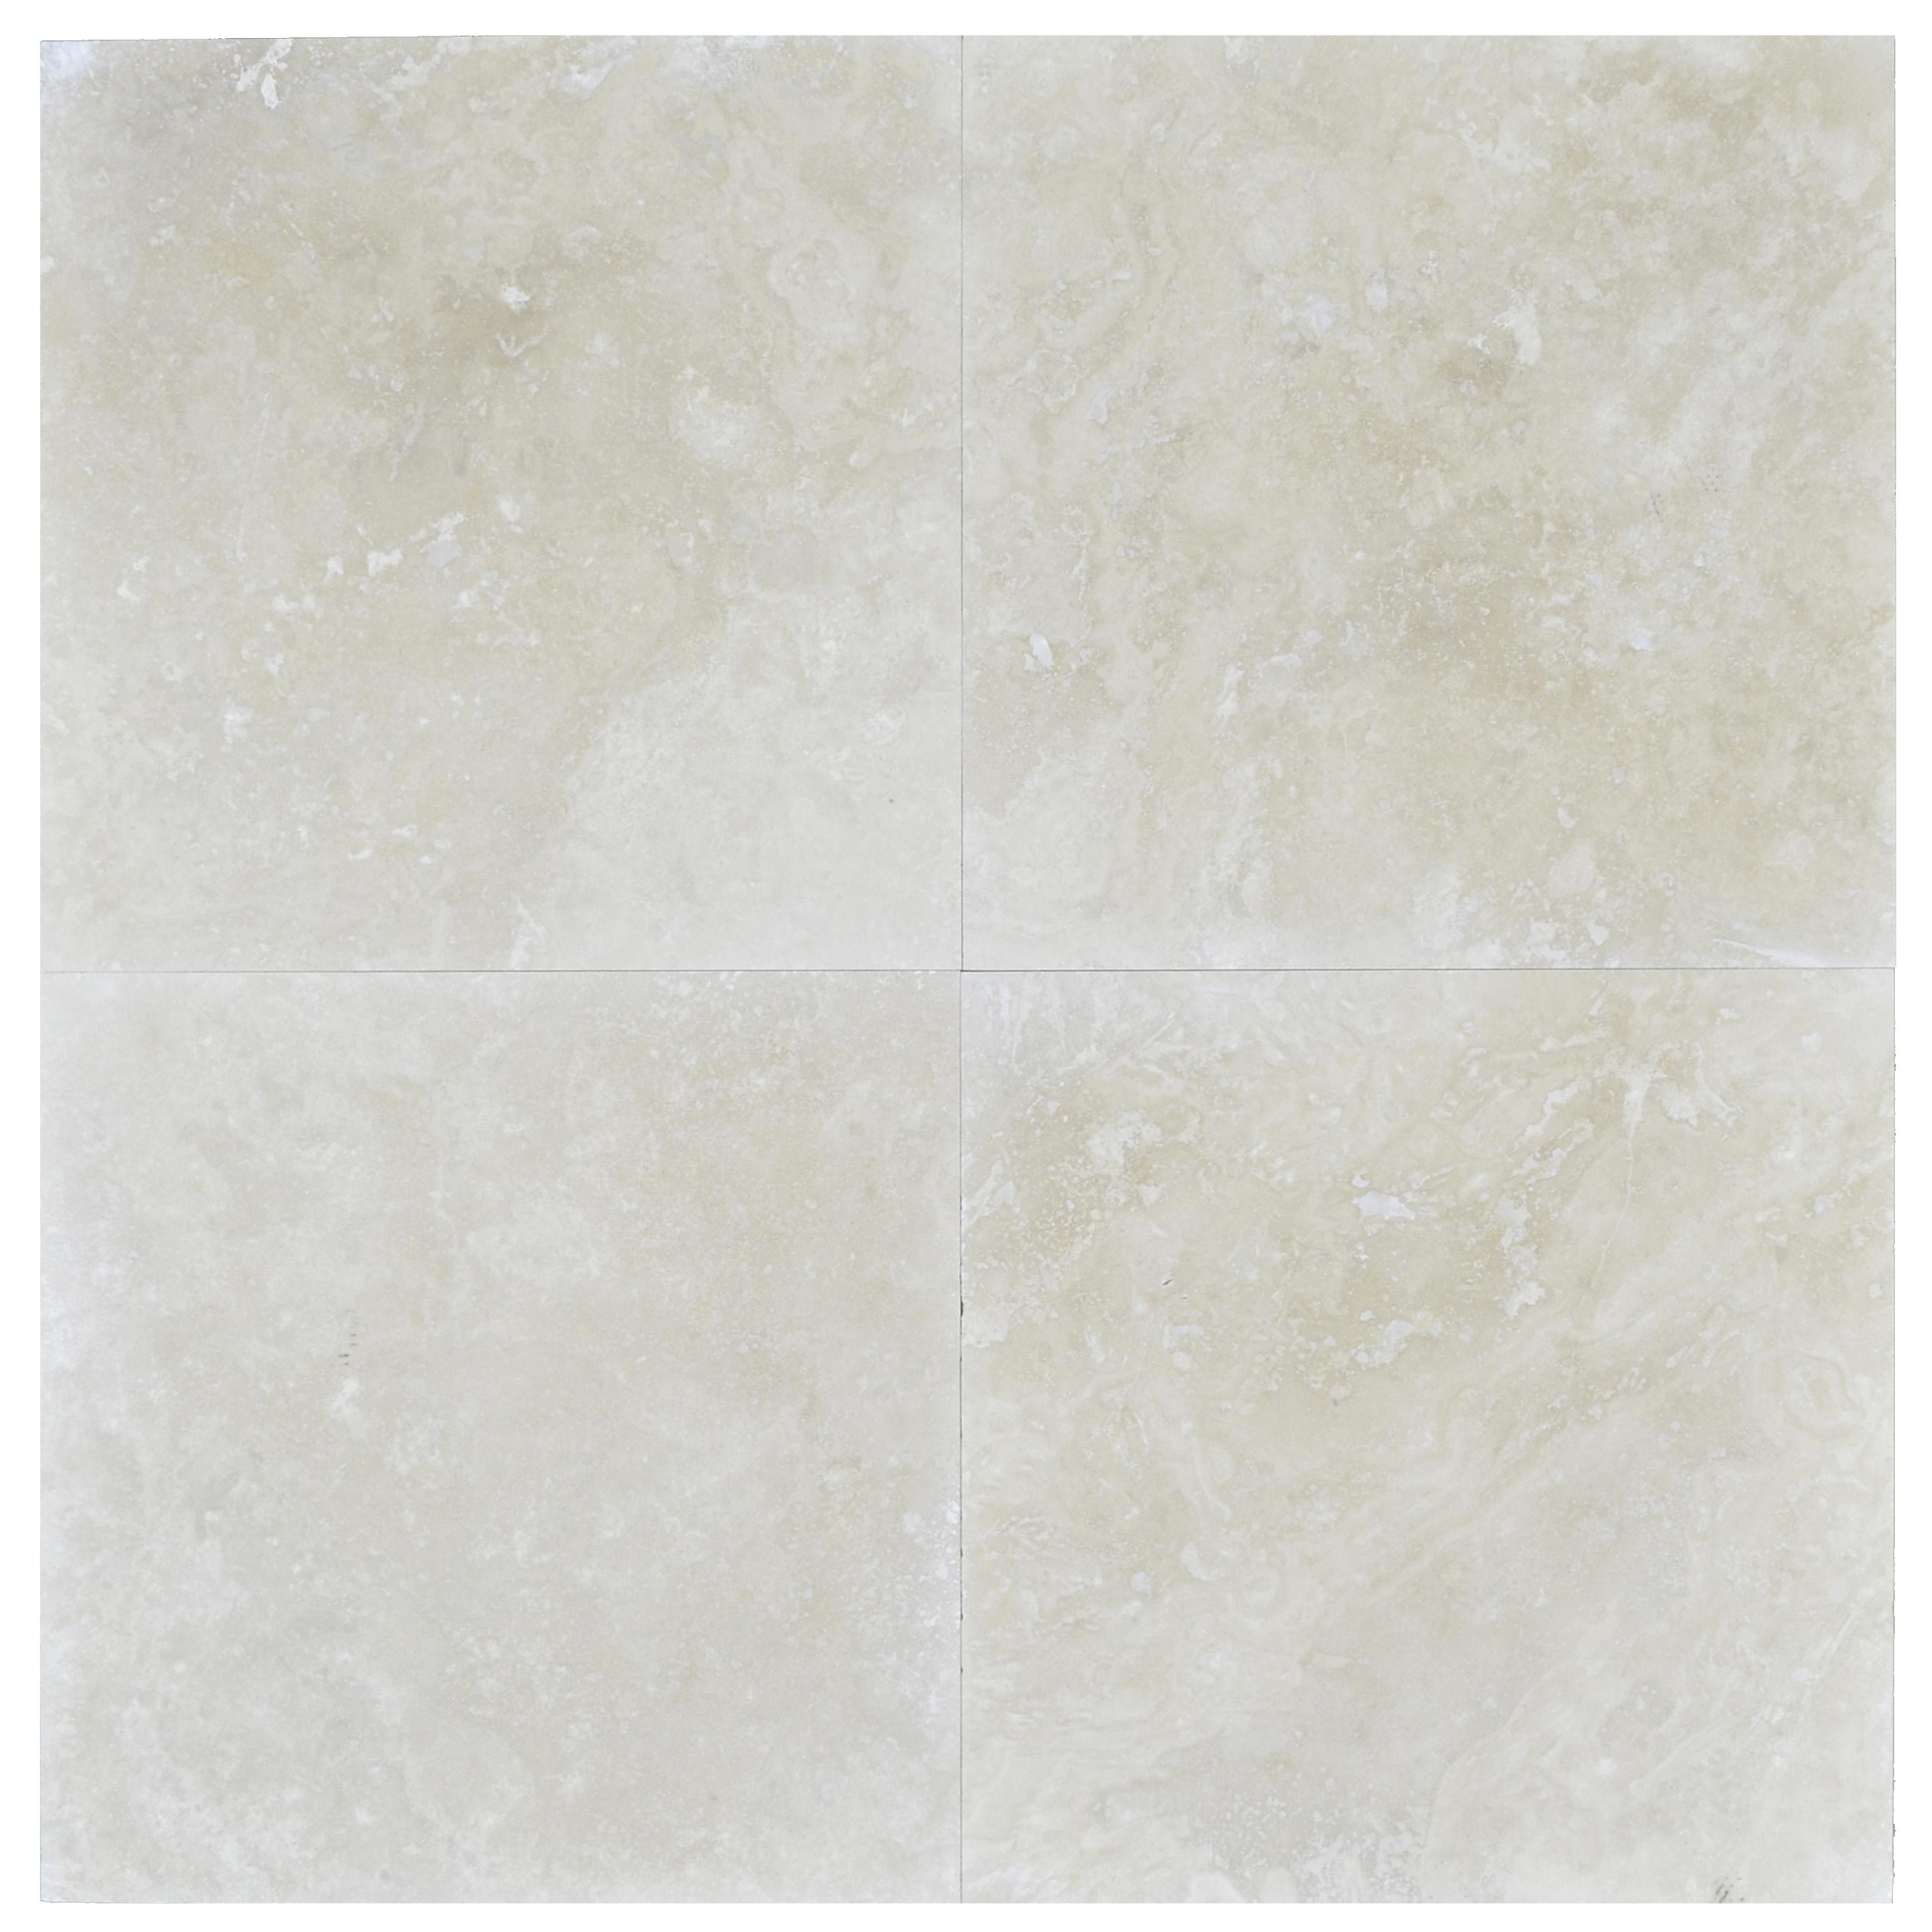 frig light honed filled travertine tiles 24x24